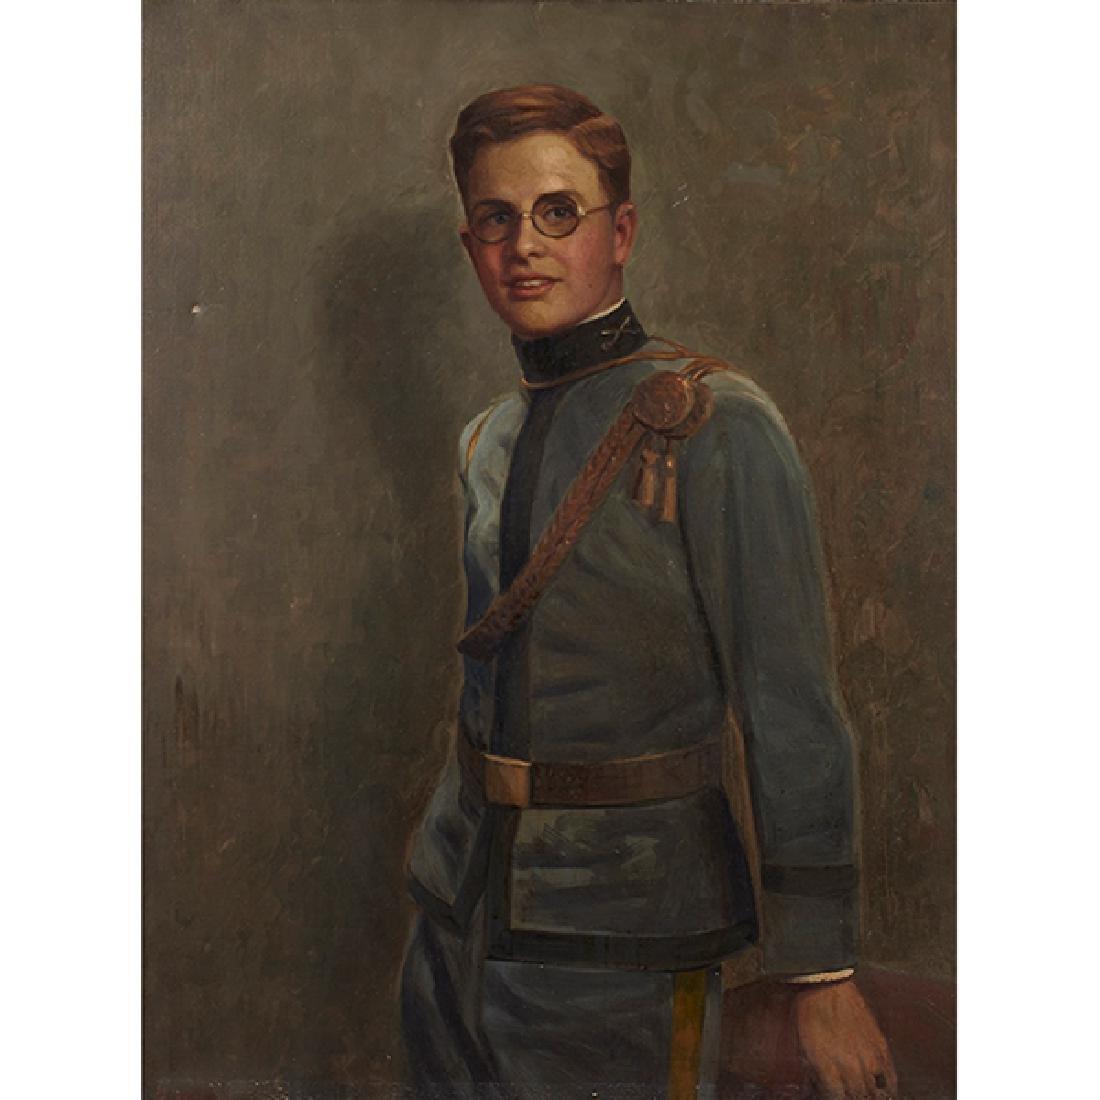 H. Wolkin, Portrait of Mayor Kelly's Son, oil on